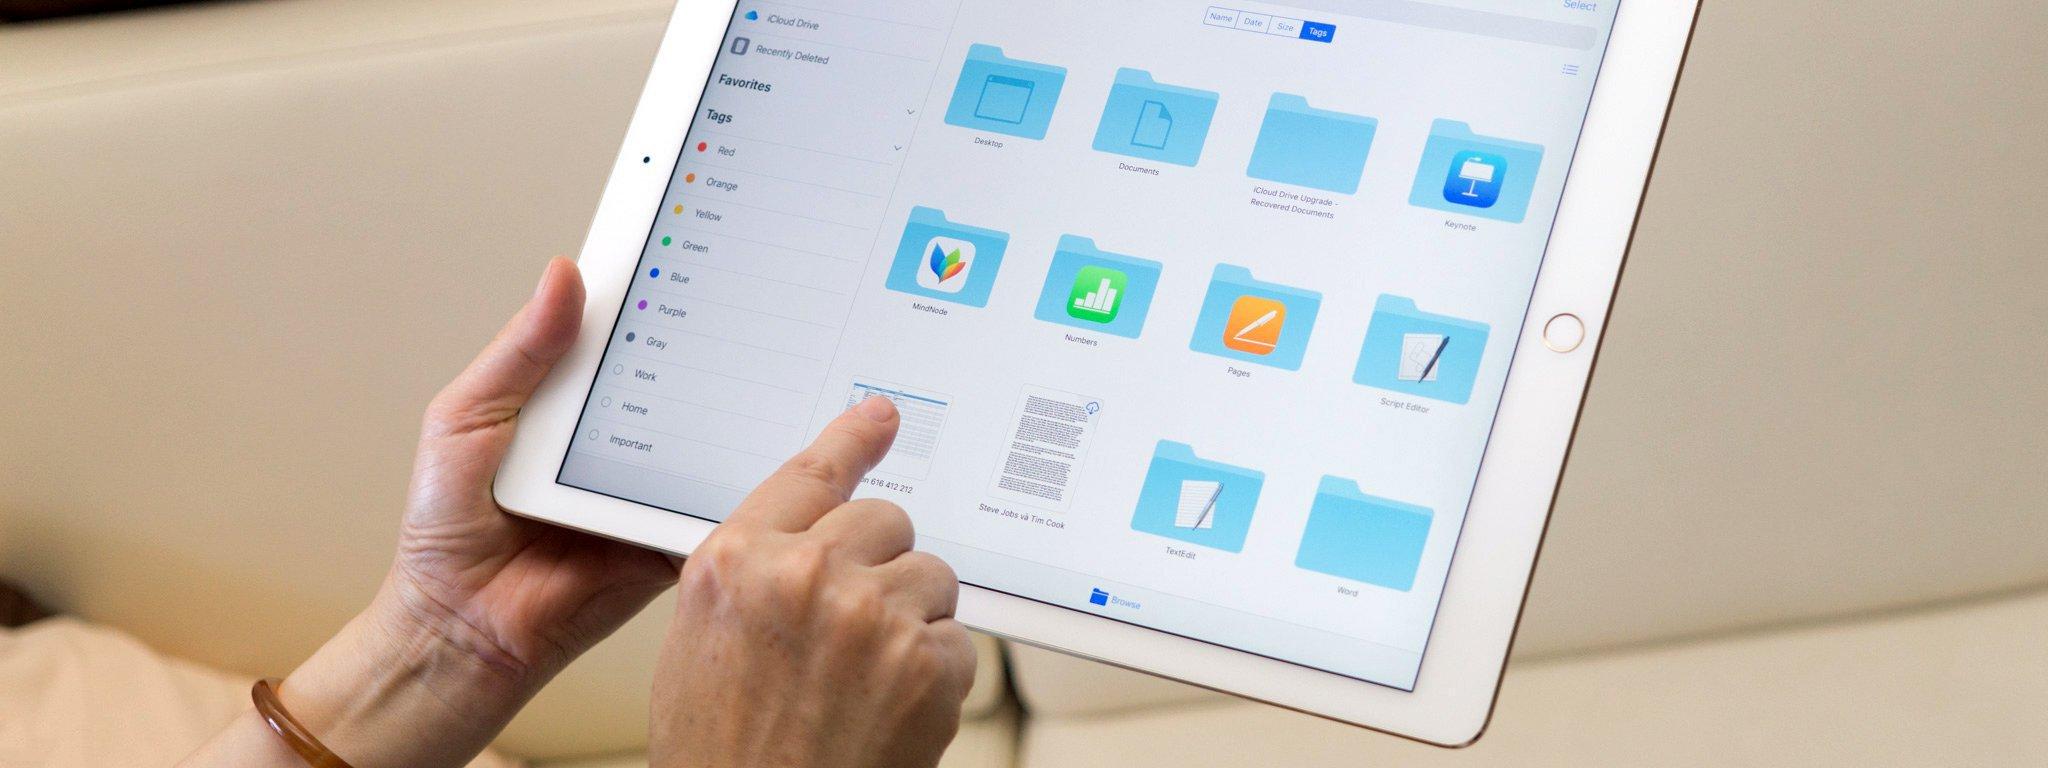 Các bạn có hài lòng với ứng dụng Files trên iOS 11?